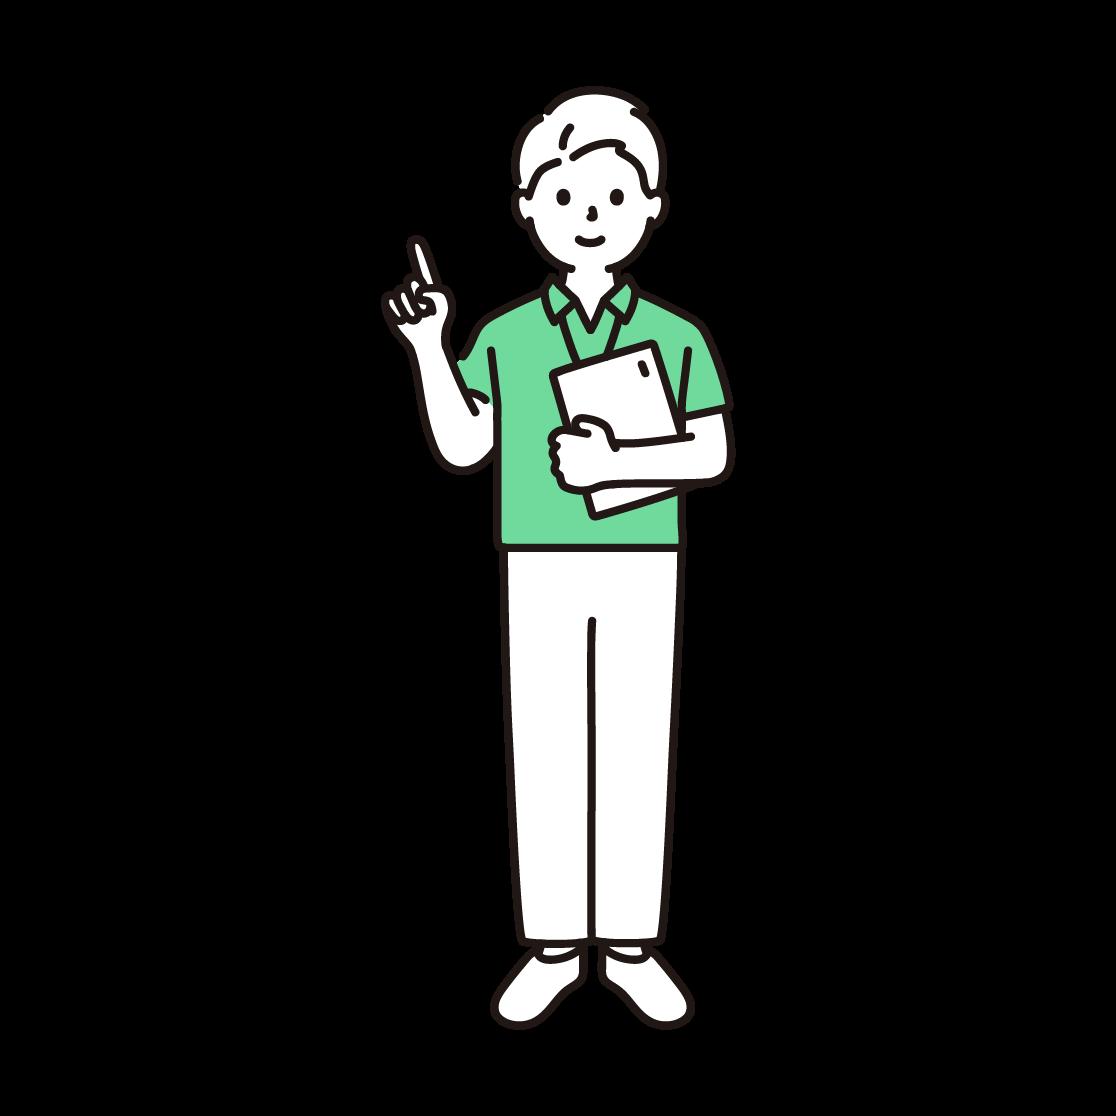 スポーツジムのインストラクター(男性)の単色イラスト